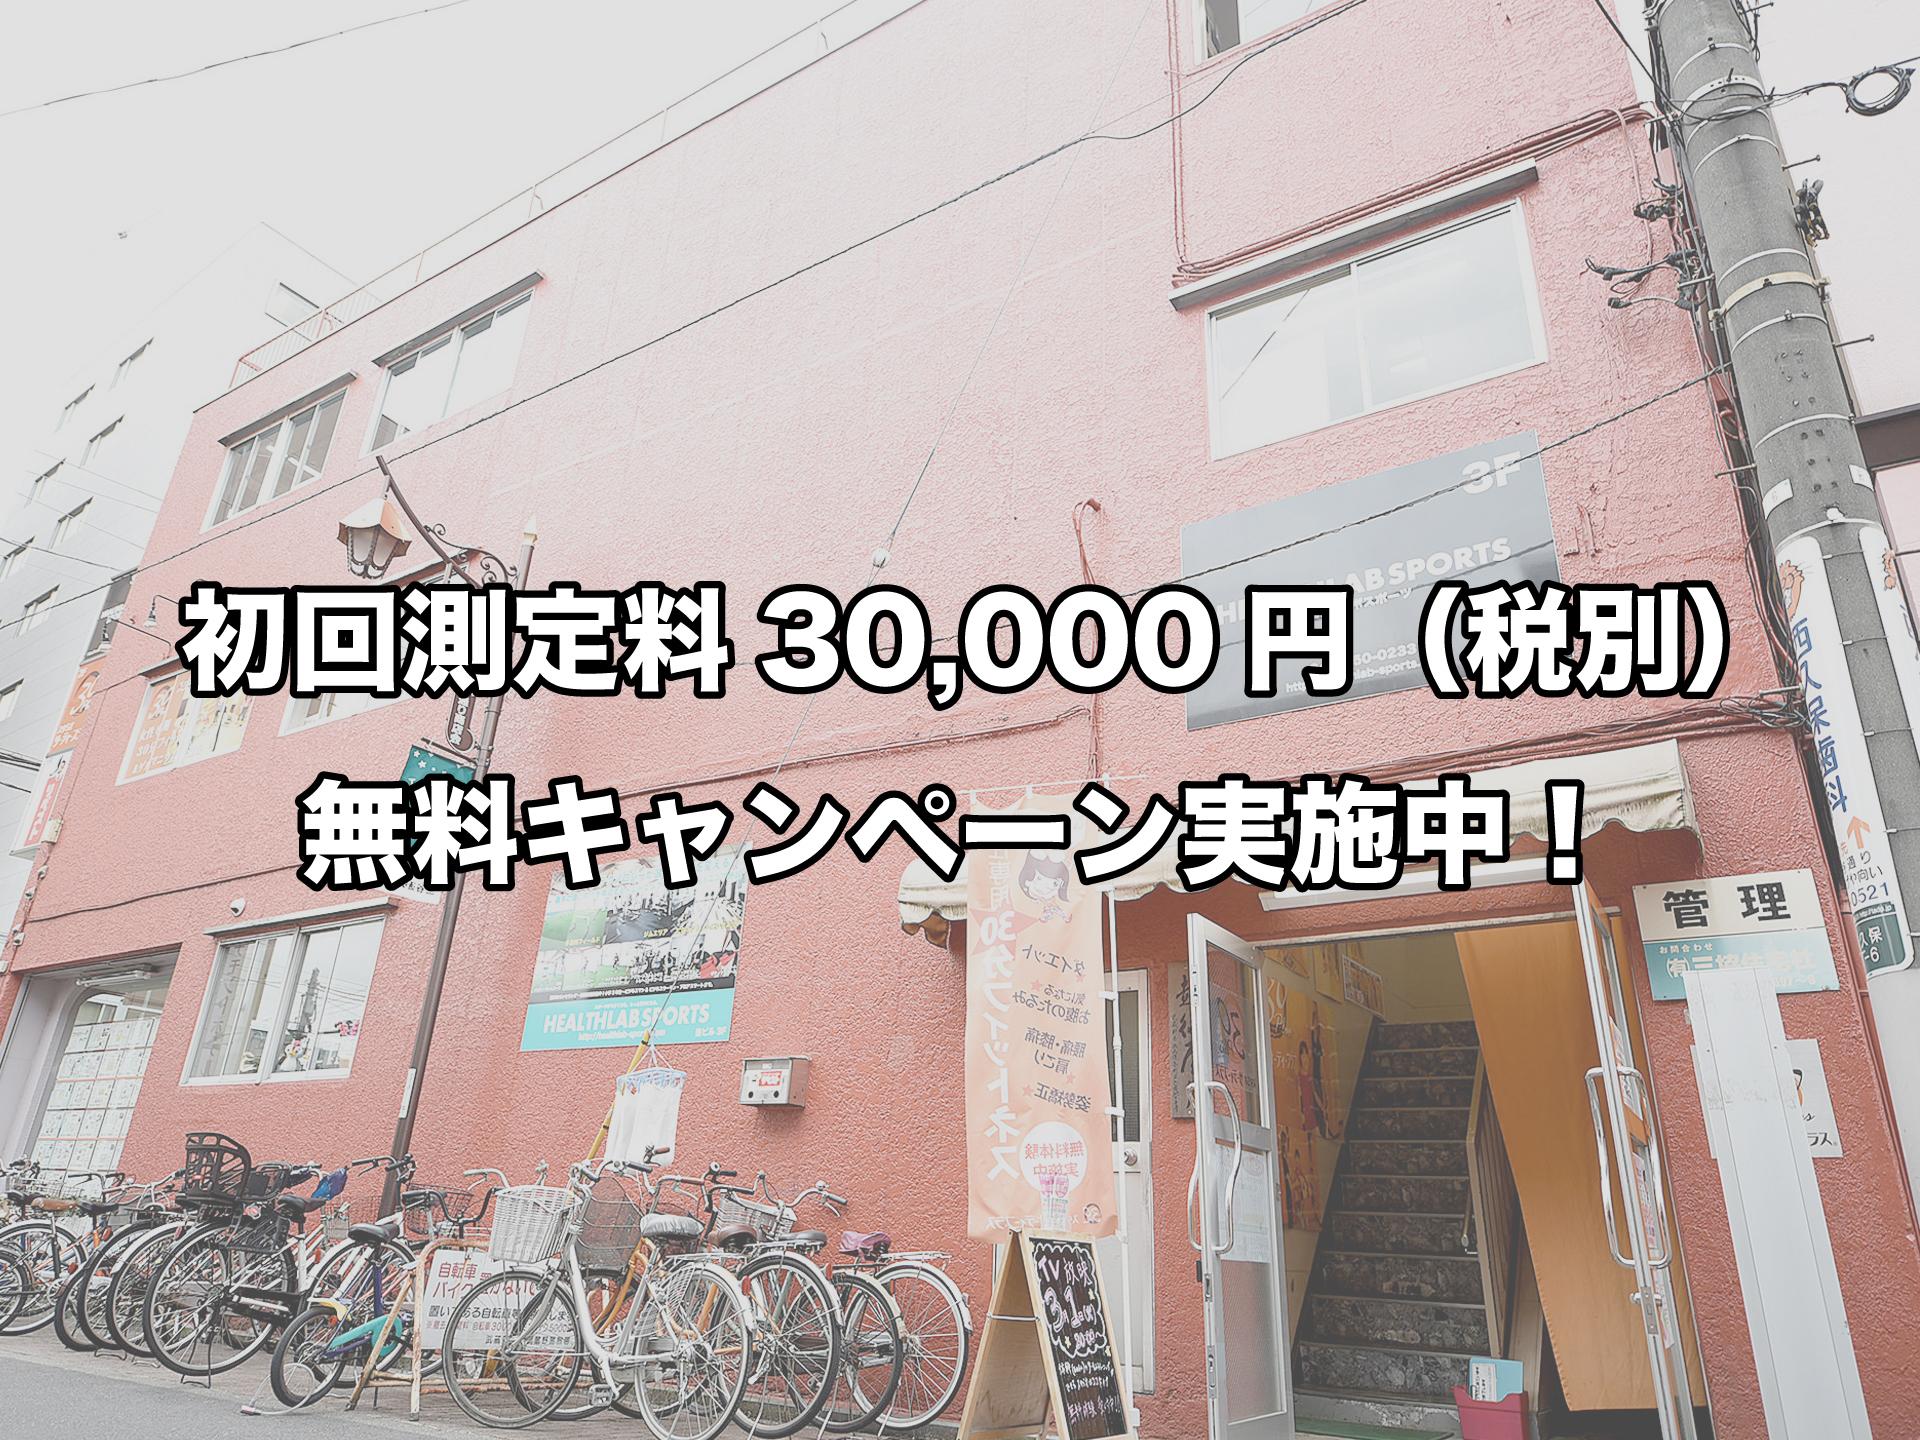 夏休み!初回測定料30,000円(税別)無料キャンペーン実施中 ヘルスラボスポーツ